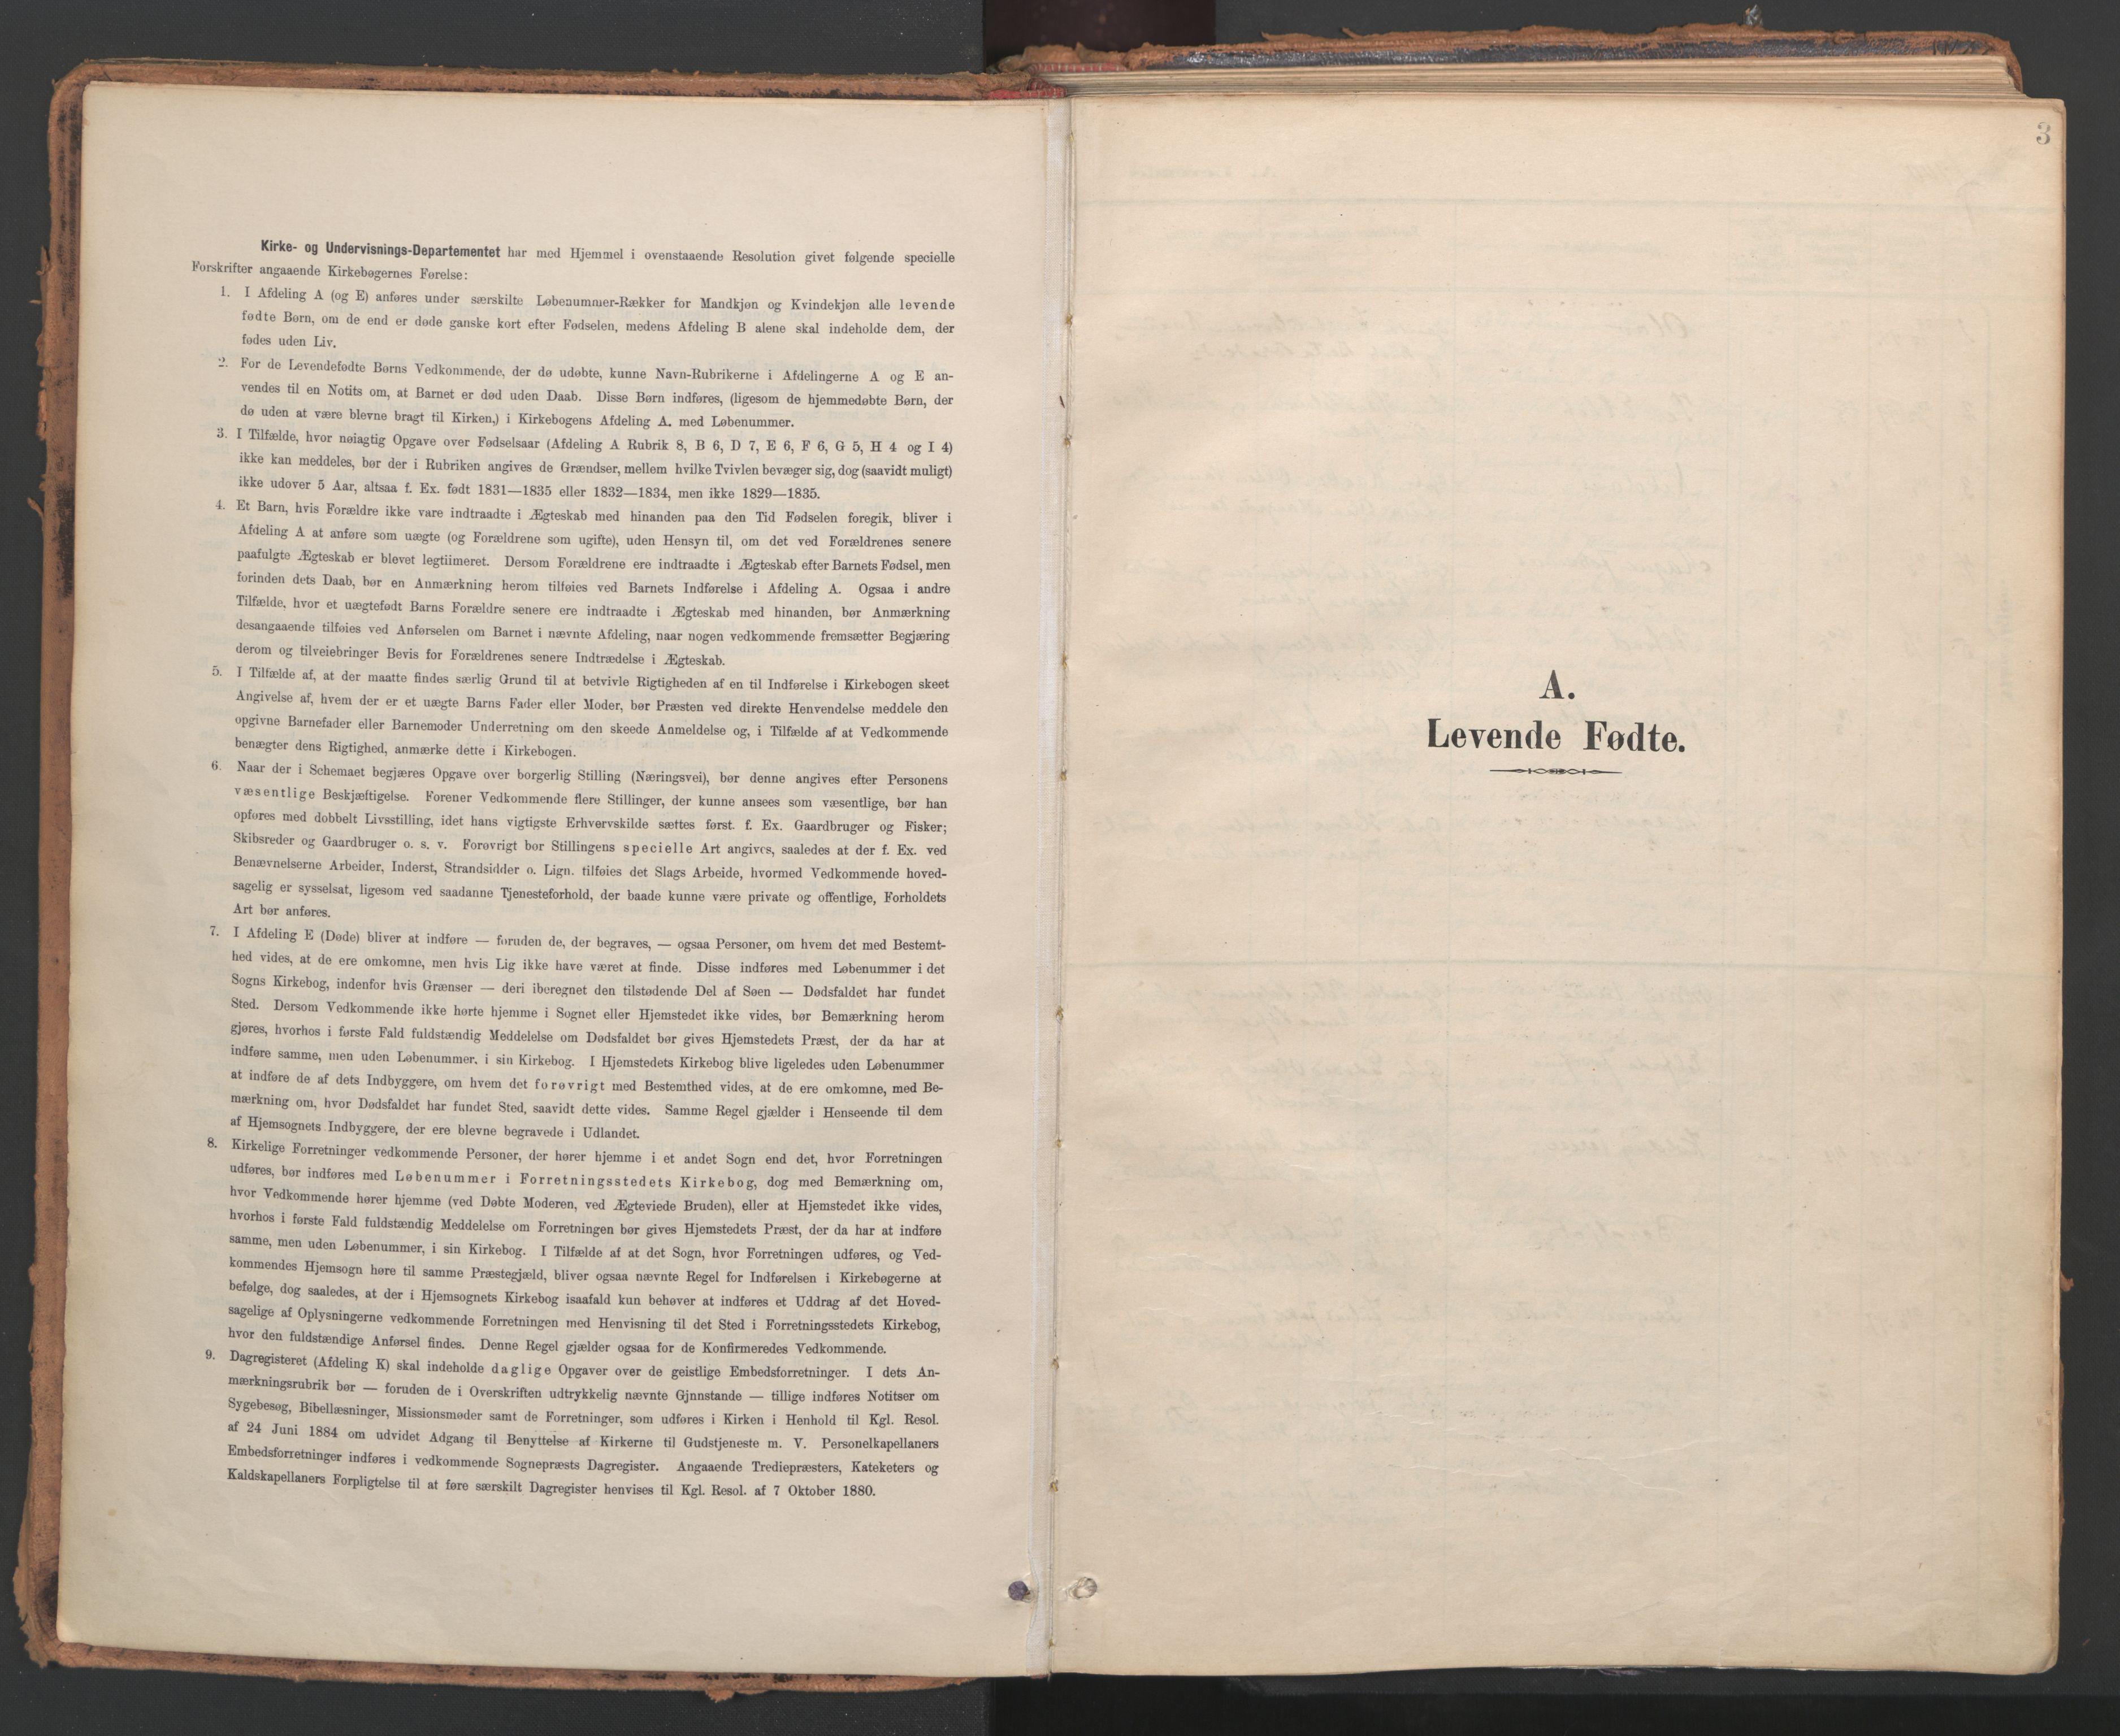 SAT, Ministerialprotokoller, klokkerbøker og fødselsregistre - Nord-Trøndelag, 766/L0564: Ministerialbok nr. 767A02, 1900-1932, s. 3